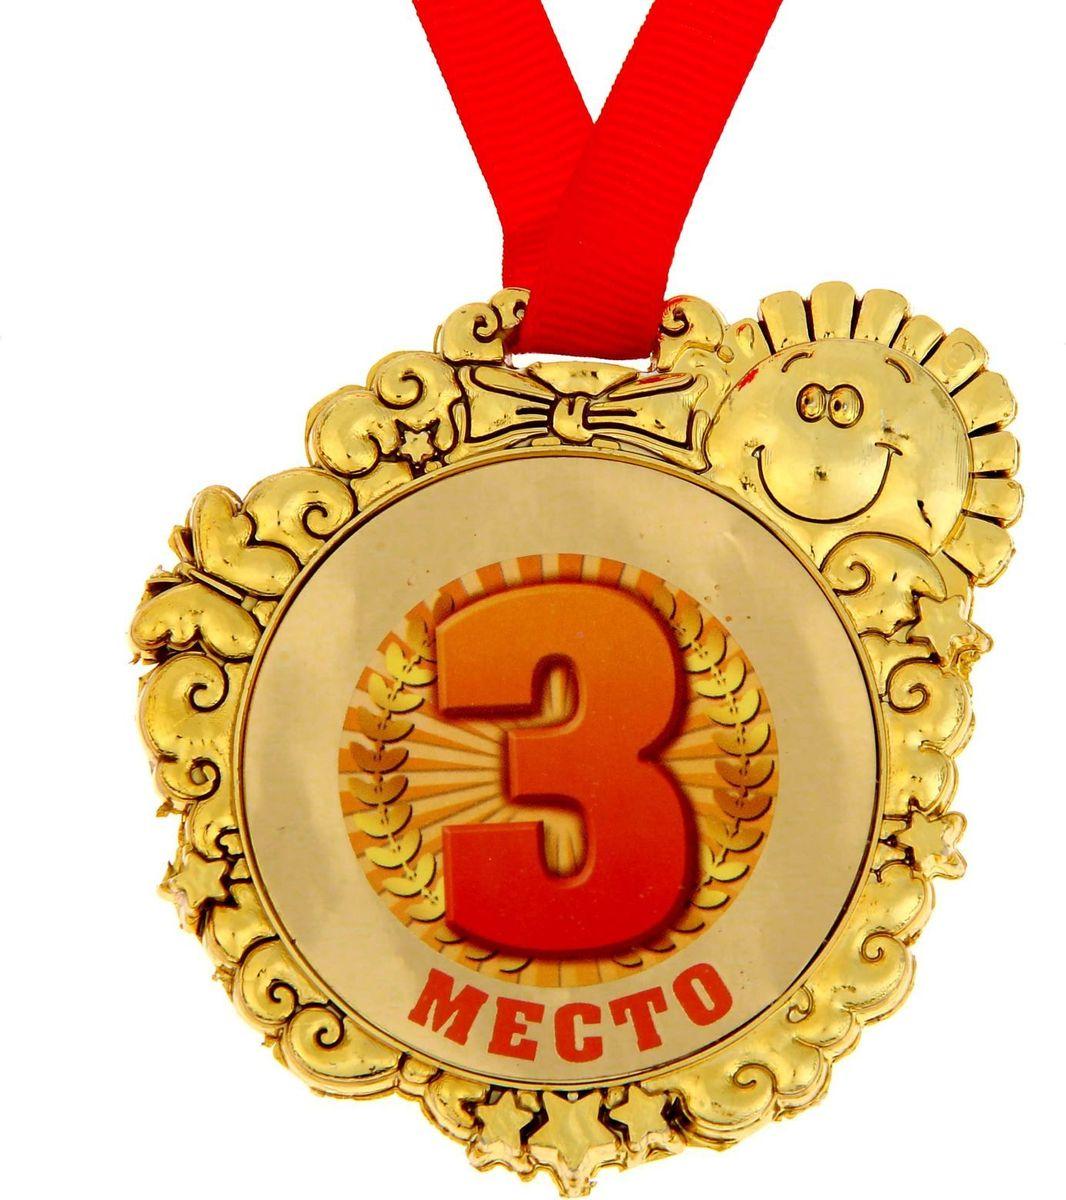 Медаль сувенирная 3 место, 6,5 х 6,7 см1404003Красочная медаль золотого цвета для награждения детишек во время проведения соревнований, конкурсов и утренников подвигнет ребят на достижение новых высот! Знак почёта с изображением солнца изготовлен из пластика. Награда дополнена яркой лентой, позволяющей сразу повесить изделие на шею ребёнка. Преподносится на красочной подложке, на обороте которой есть место для имени получателя и номинации.